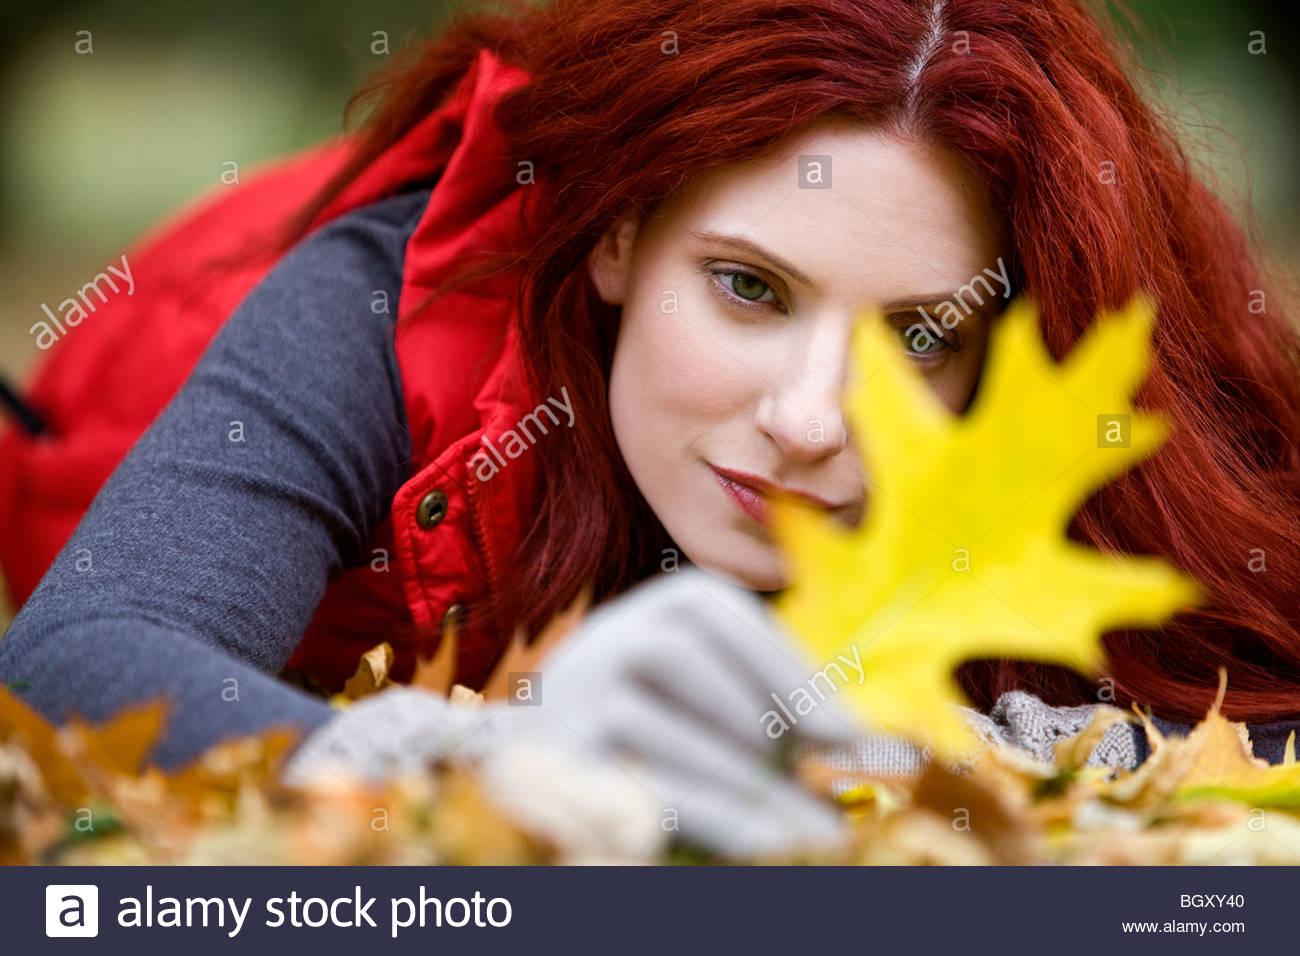 Una joven mujer tendida en el suelo, en busca de una hoja de otoño Foto de stock